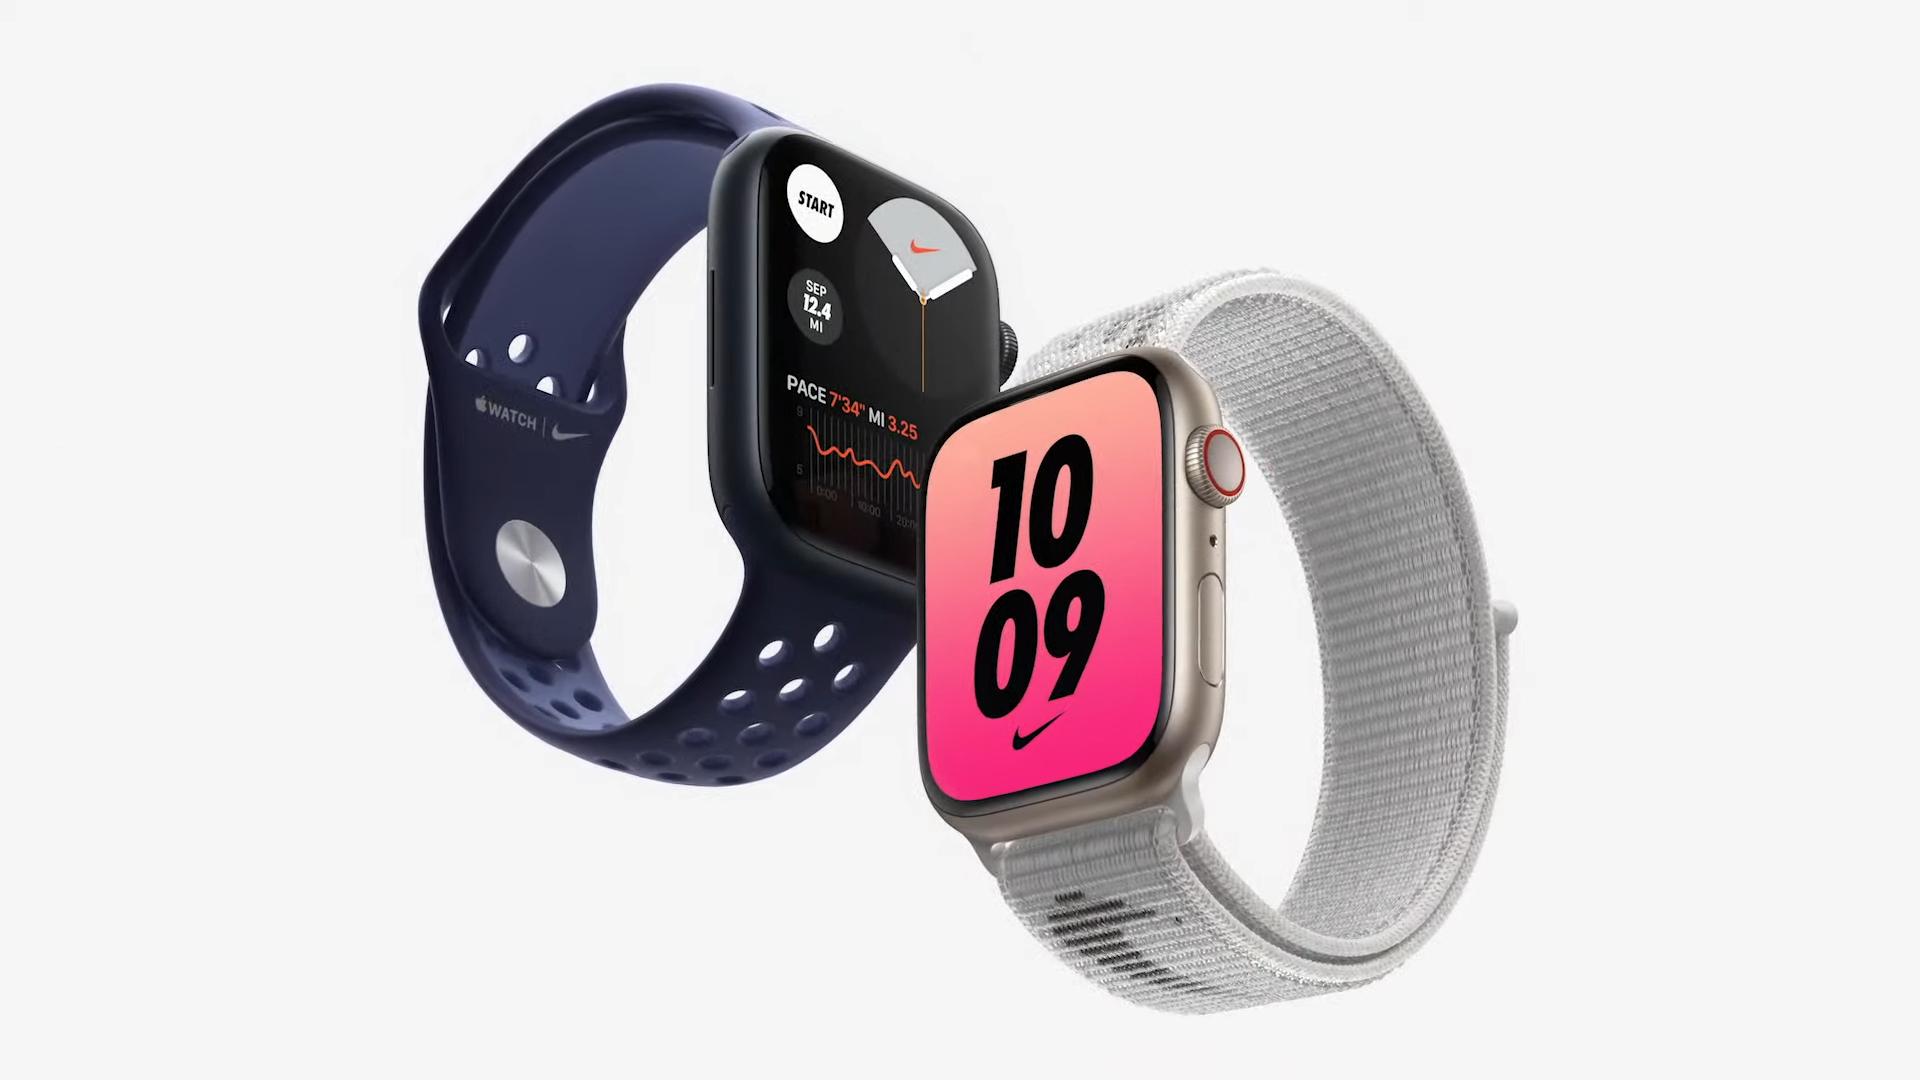 Apple Watch Series 7 întârzie pe piață. Noul model are sticlă rezistentă la șocuri